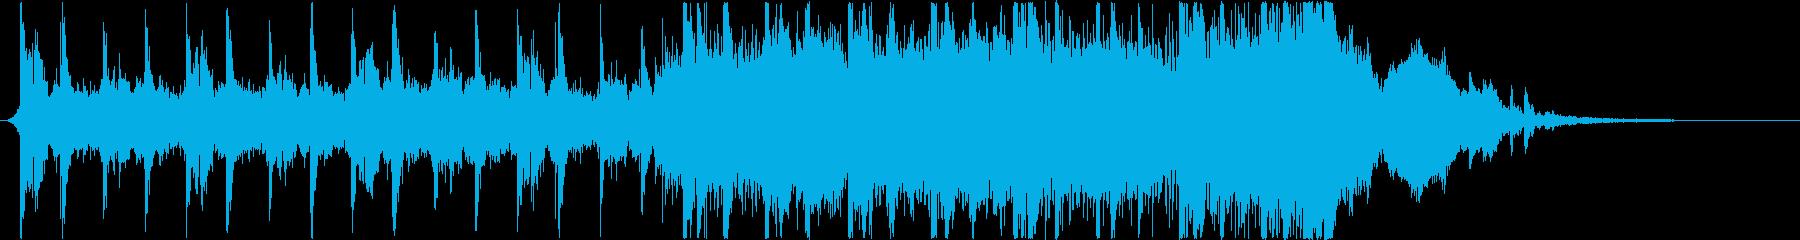 映画トレーラー風テクスチャー楽曲Aの再生済みの波形